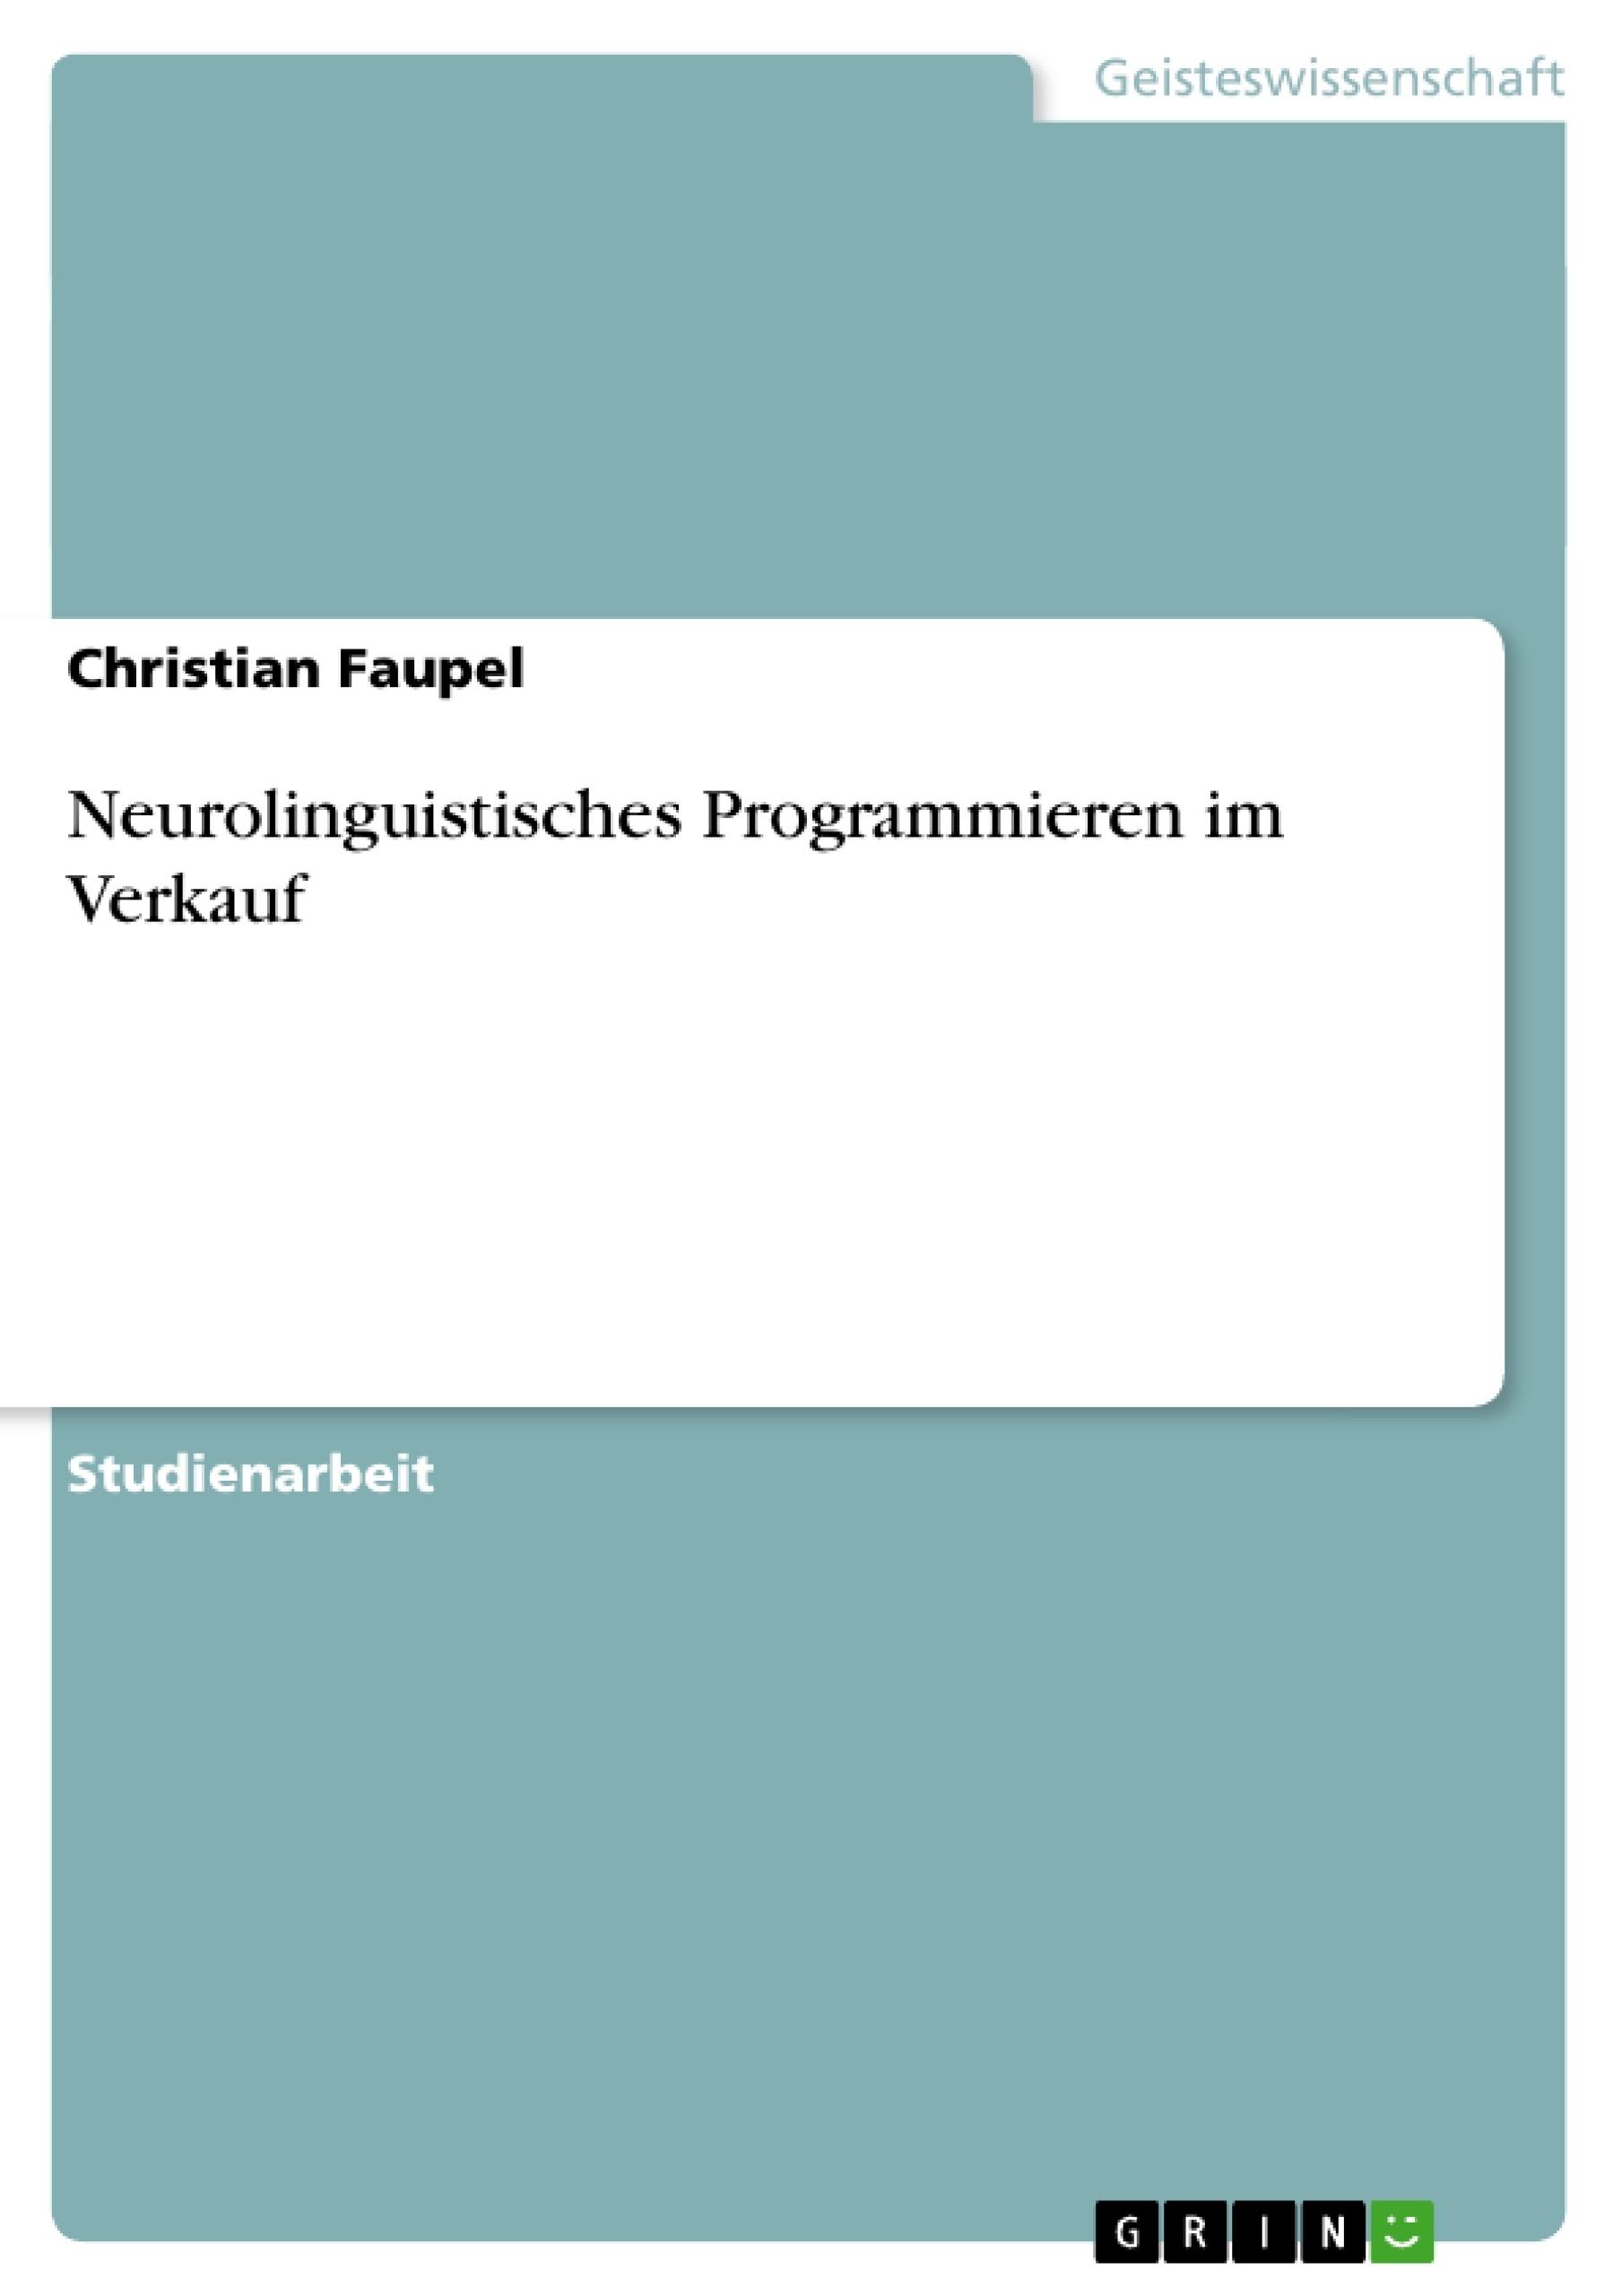 Titel: Neurolinguistisches Programmieren im Verkauf